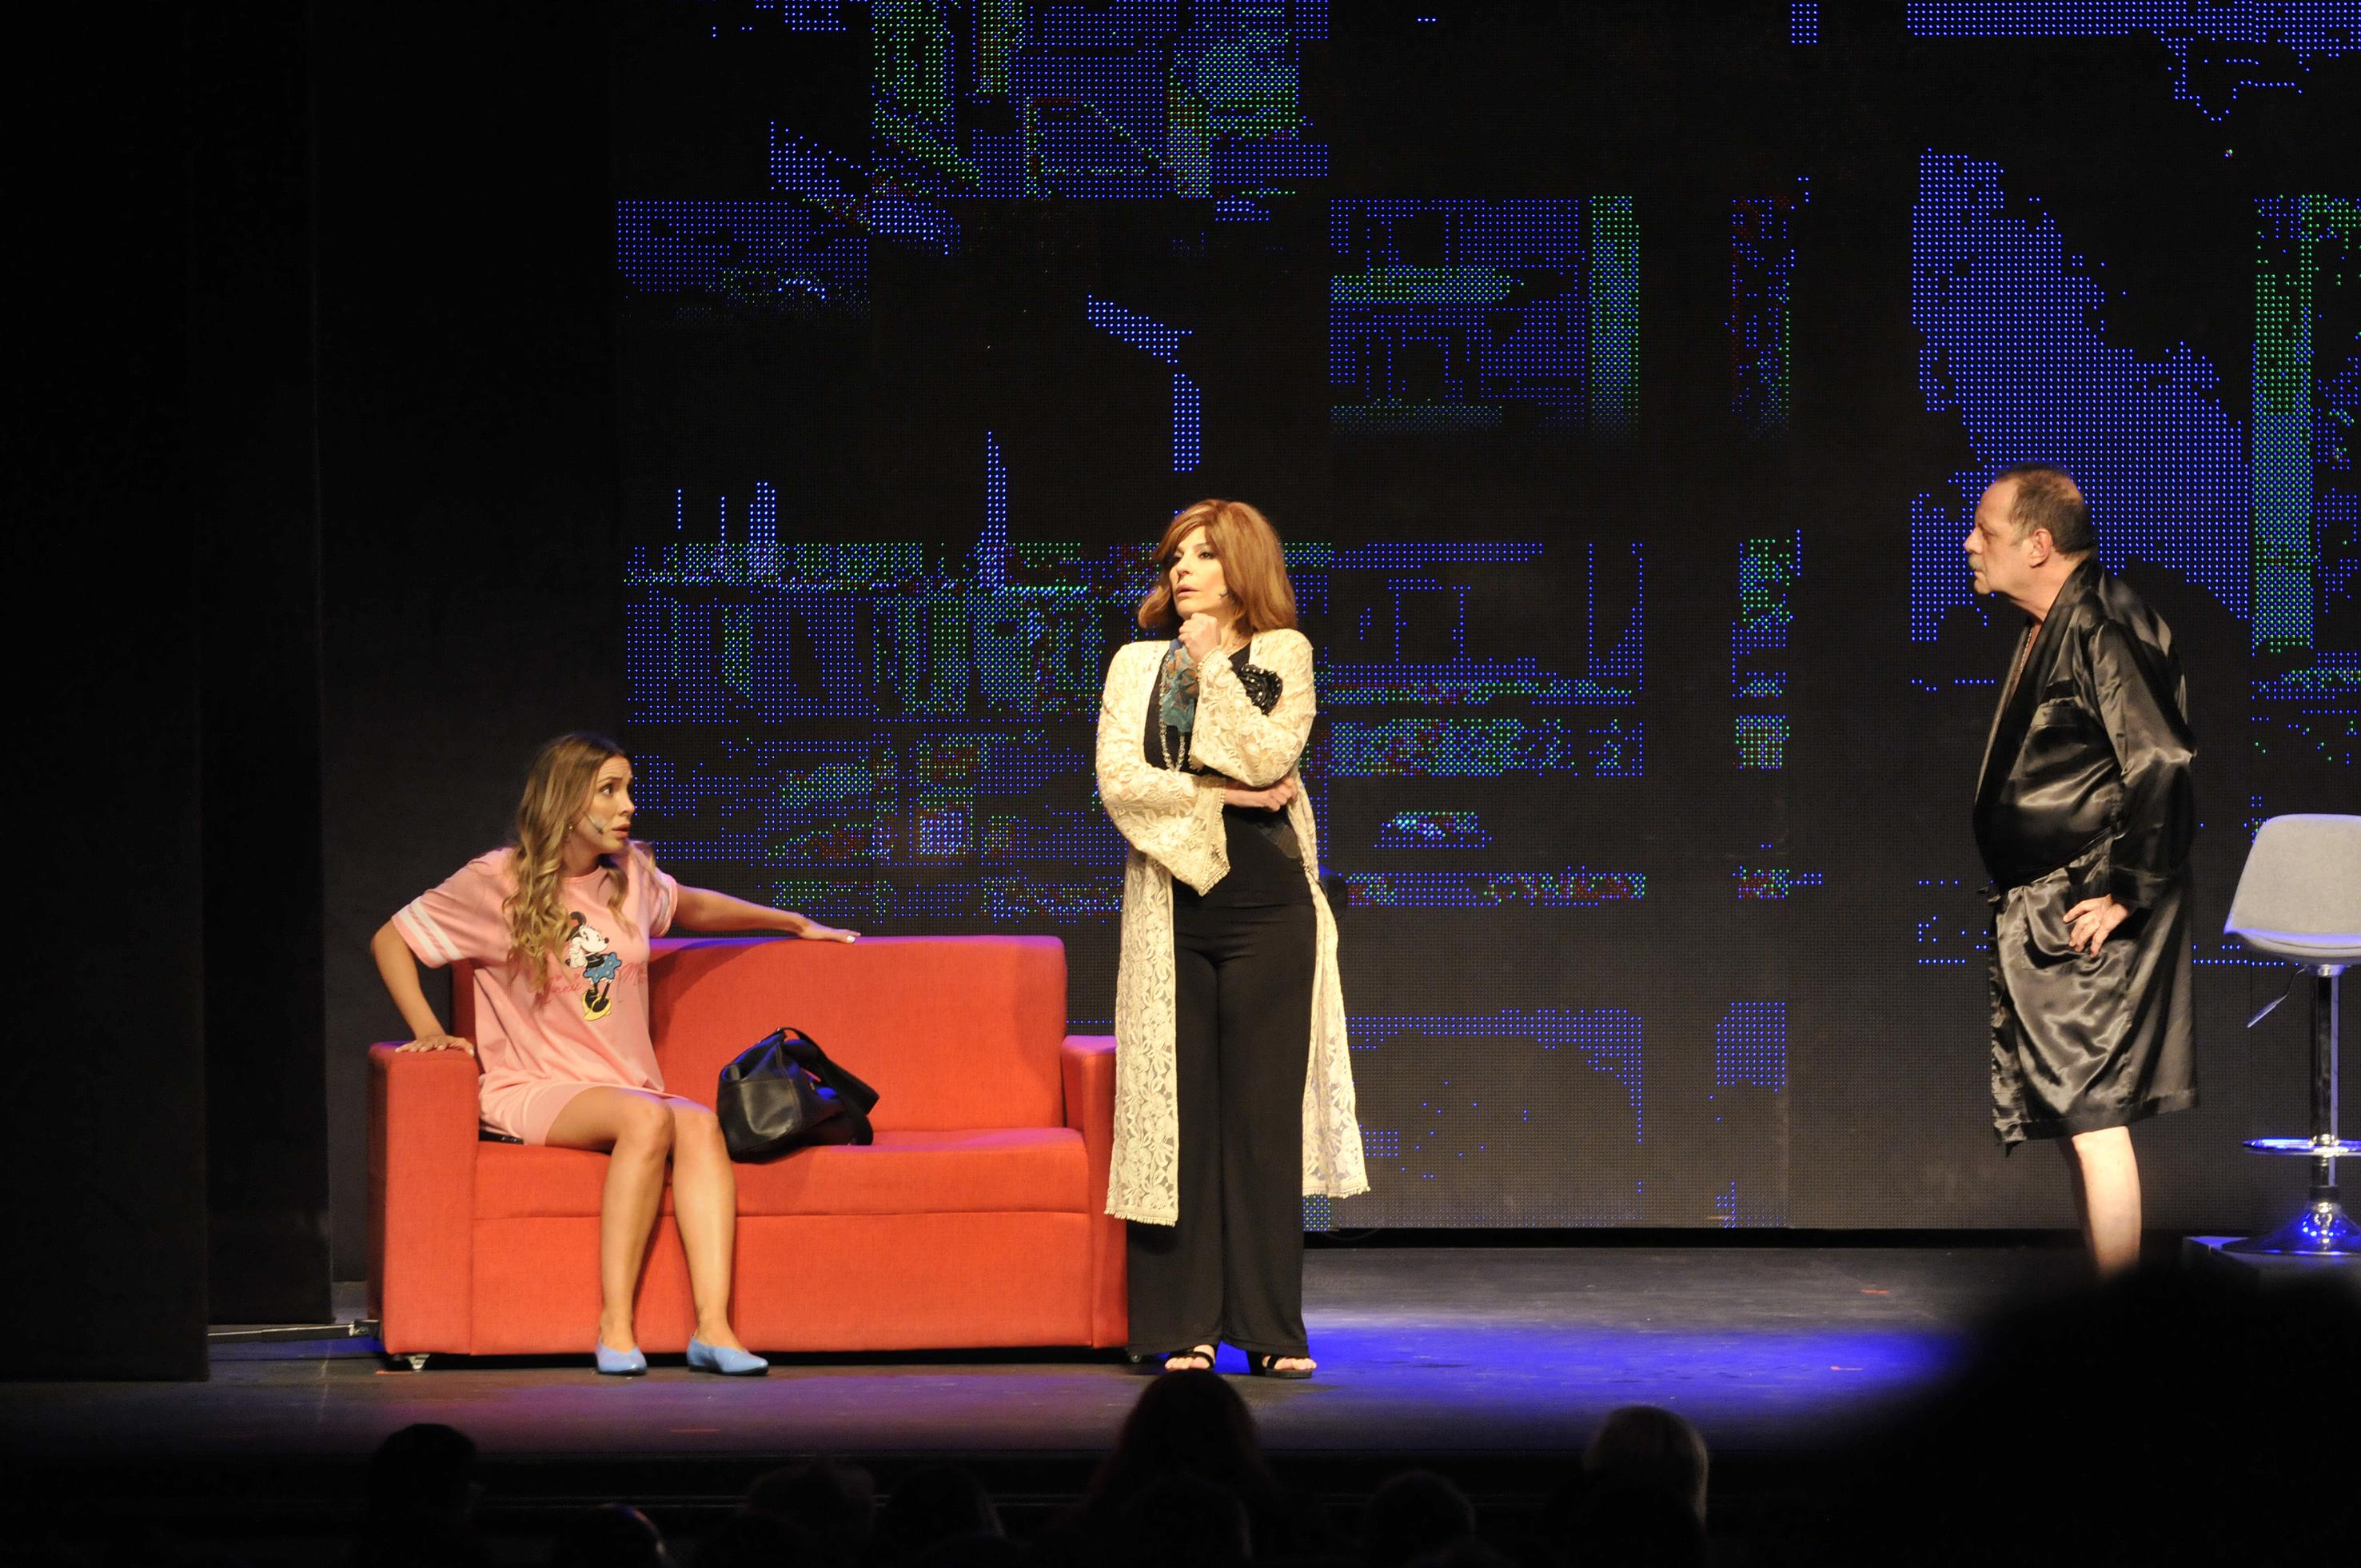 La obra dirigida por Manuel González Gil está basada en una pieza de Woody Allen y se realiza en el Teatro Astros